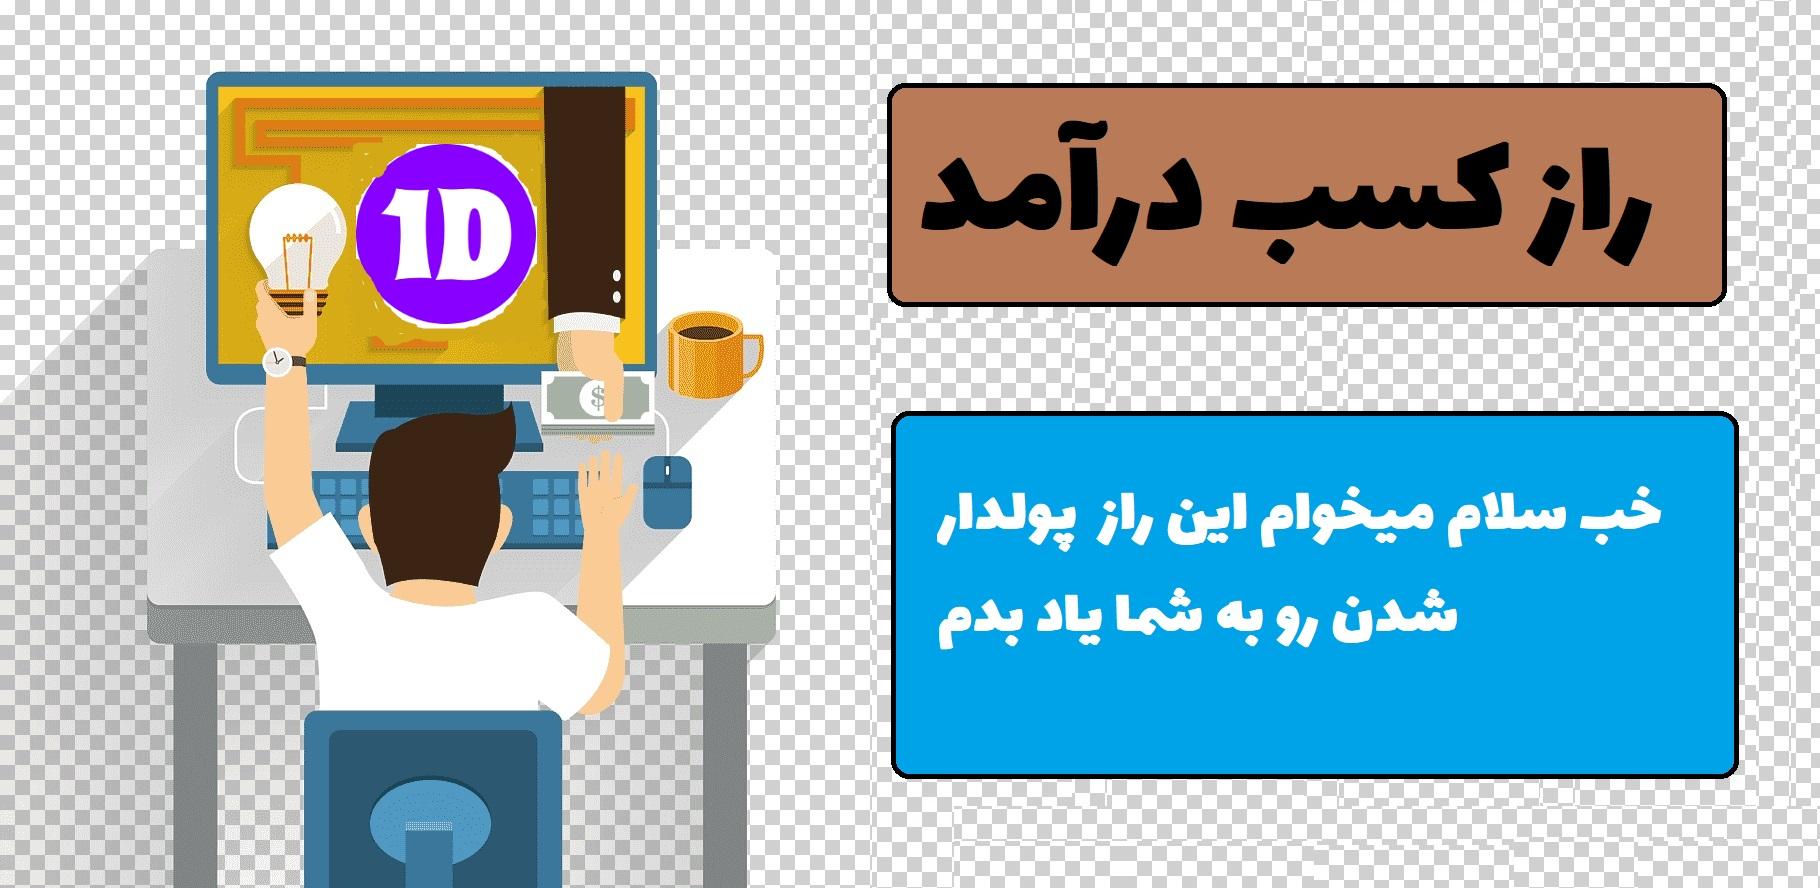 سایت های کسب درآمد اینترنتی ایرانی